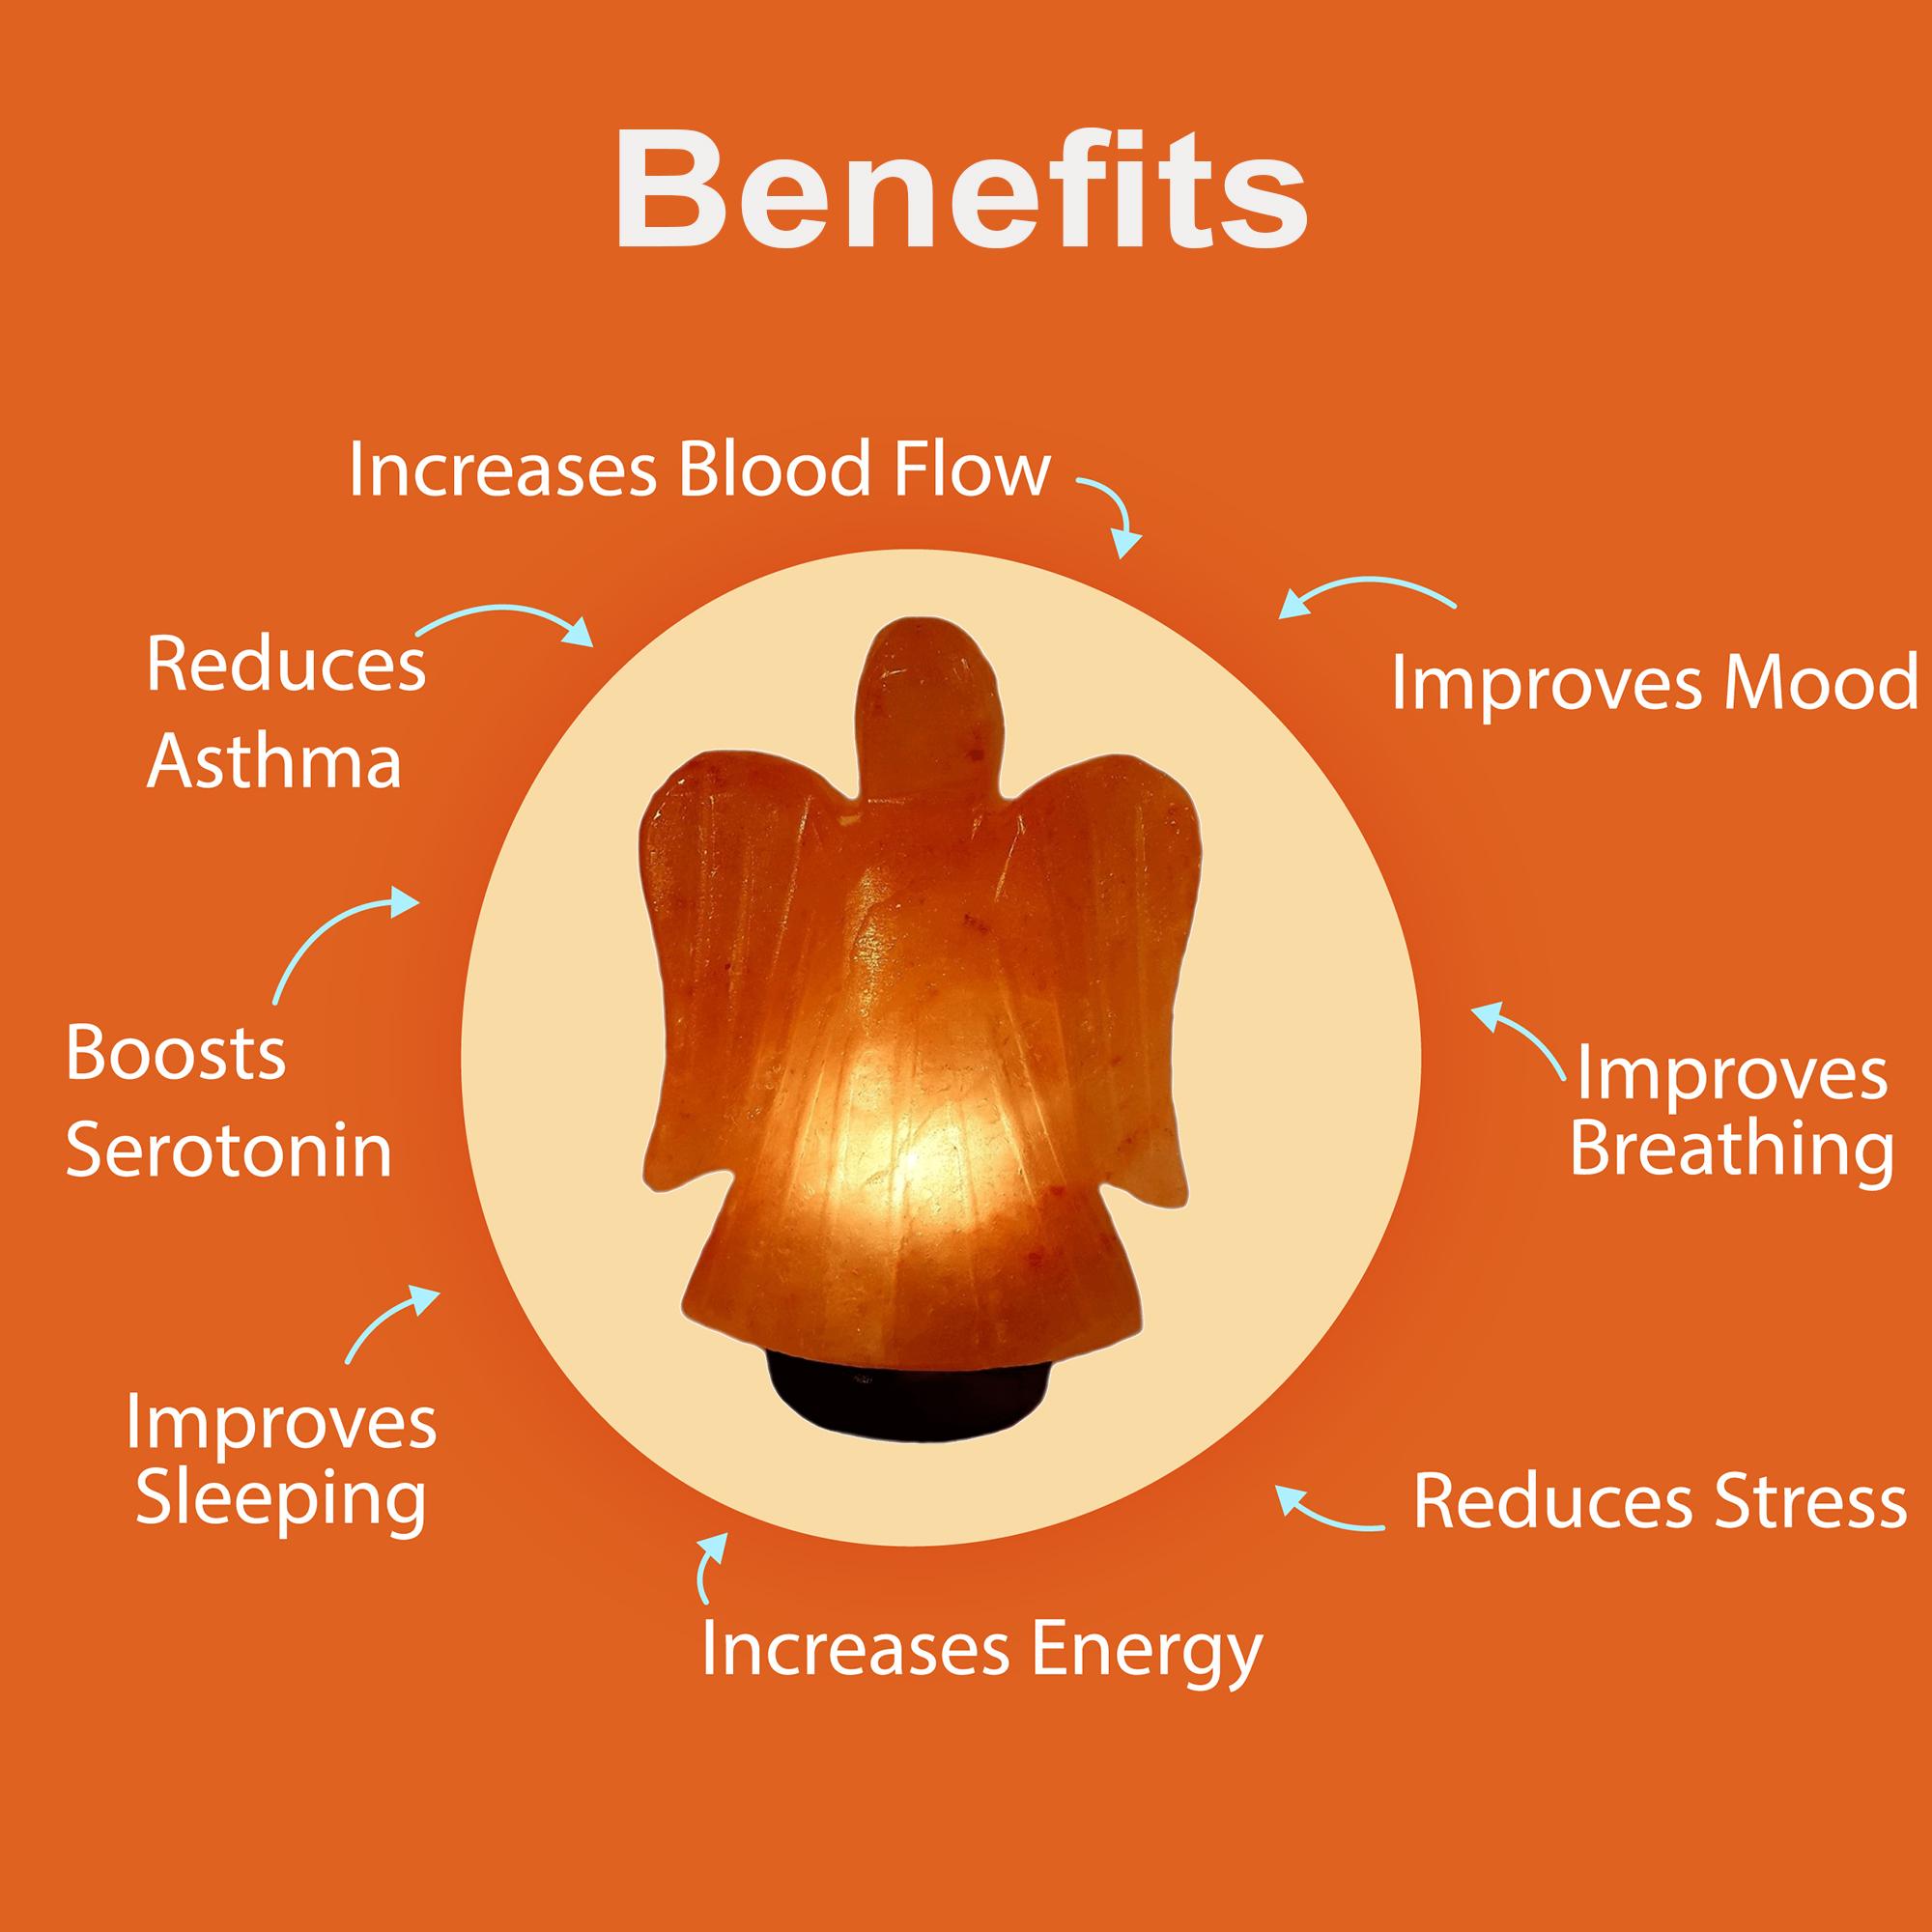 7 benefits 35 - Saltpur Himalayan Salts